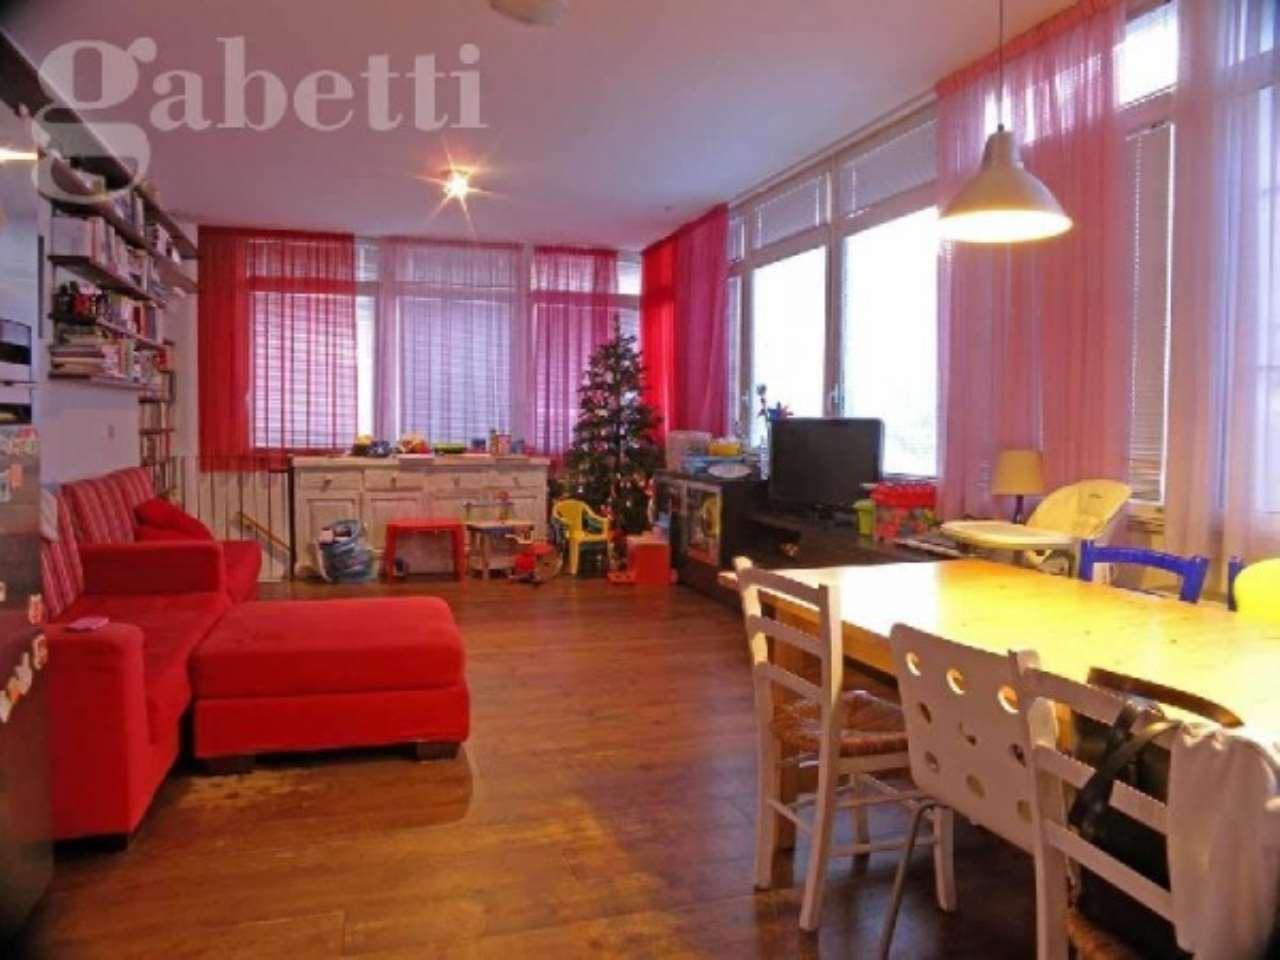 Appartamento in vendita a Senigallia, 5 locali, prezzo € 175.000 | CambioCasa.it